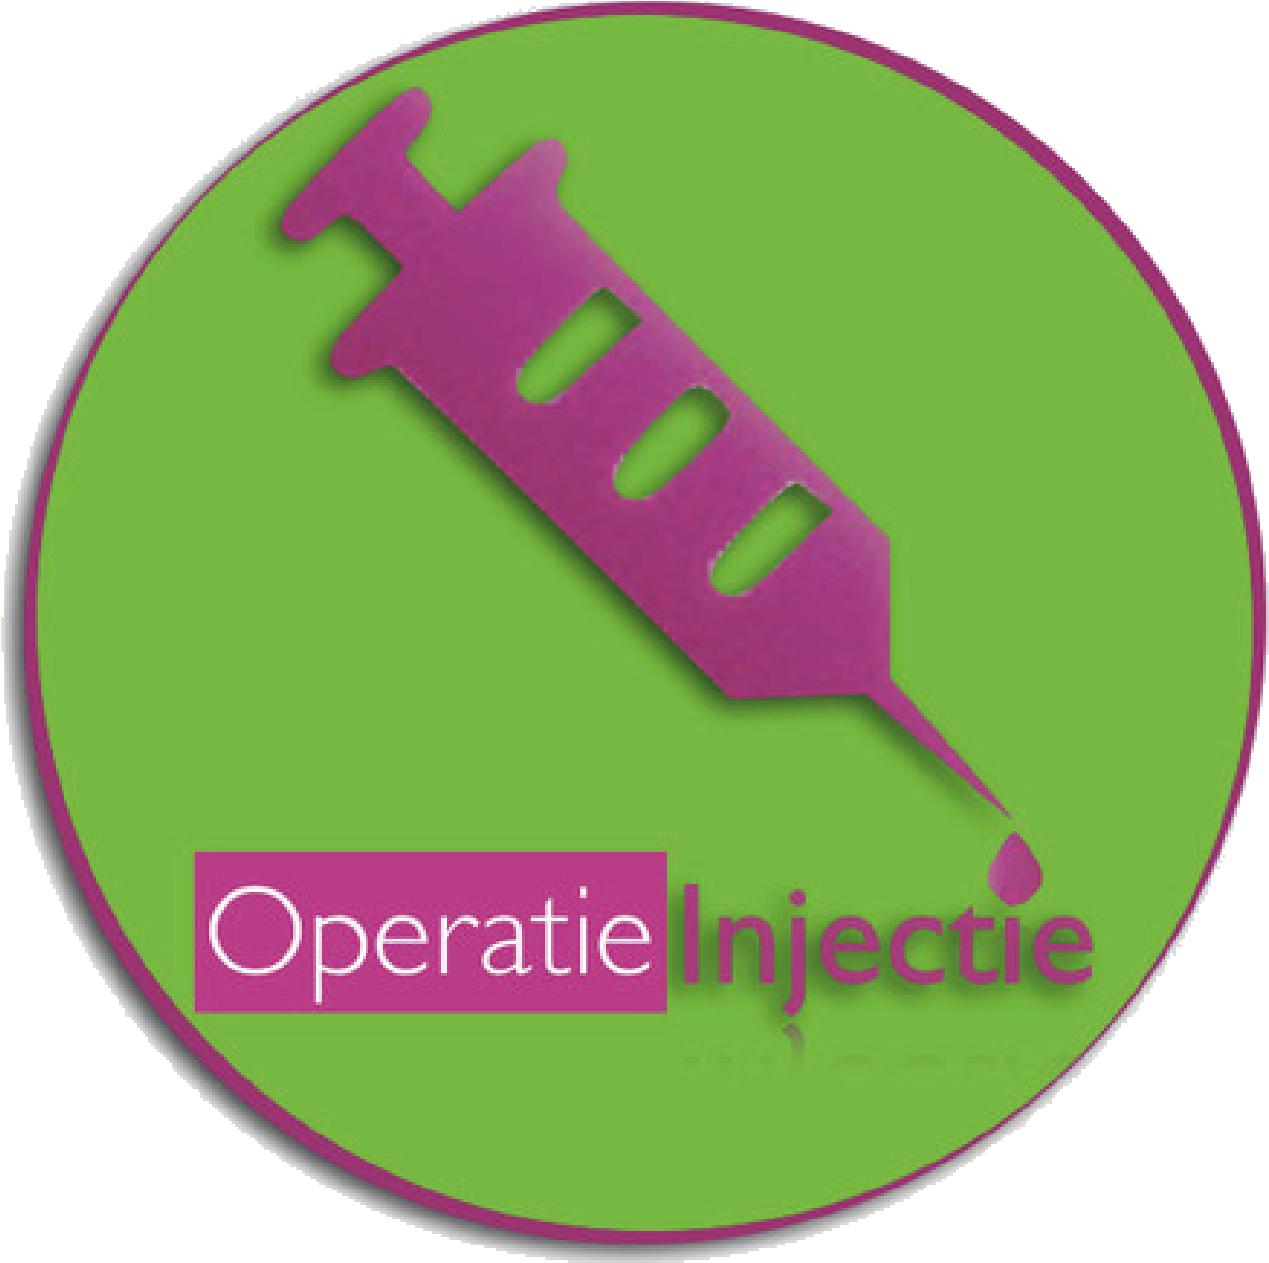 Operatie Injectie